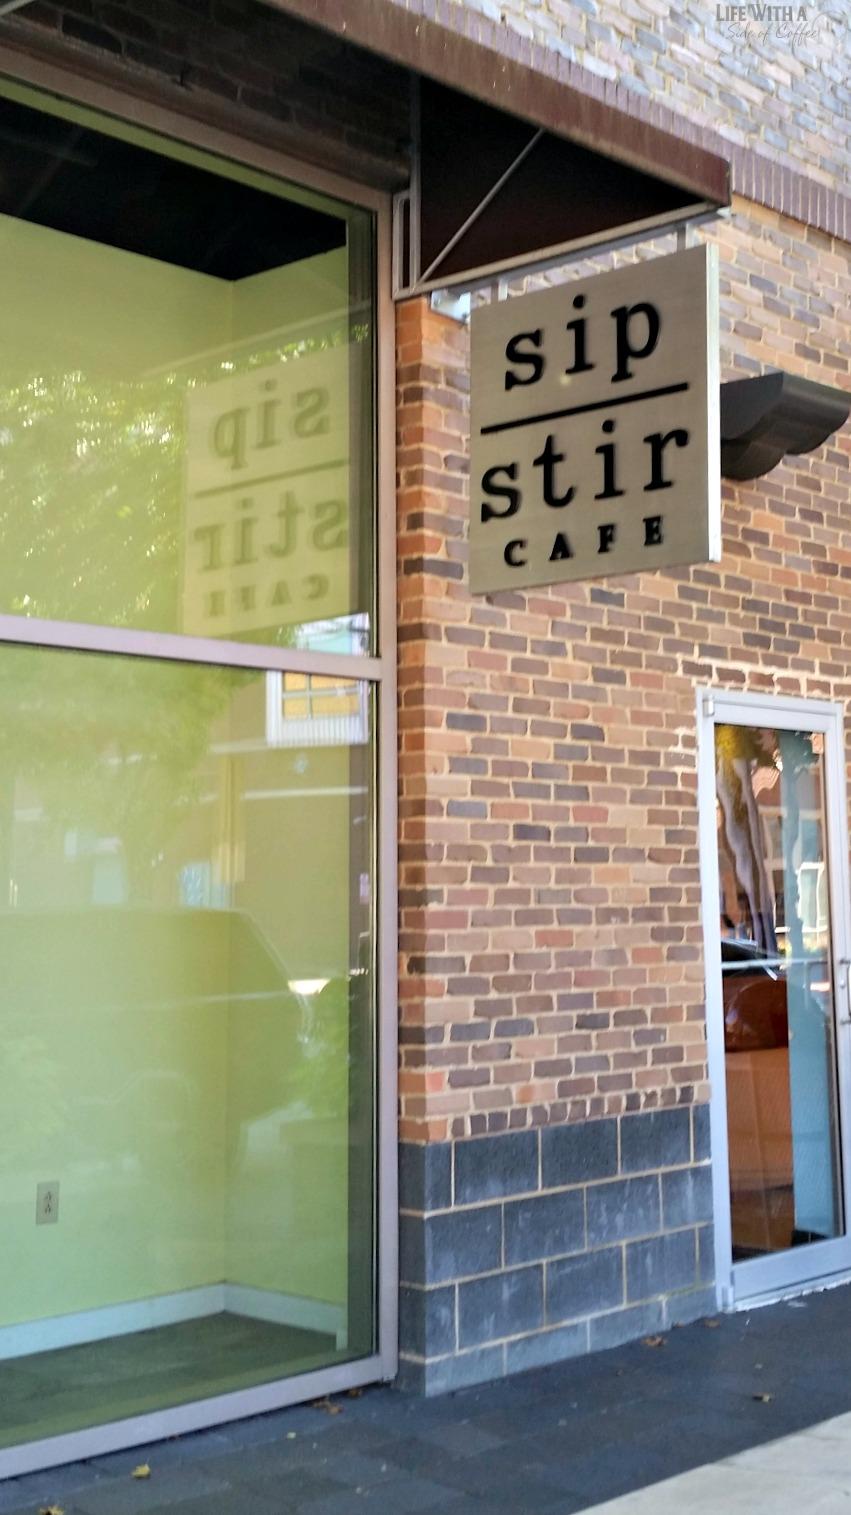 sip stir cafe 4.0.jpg